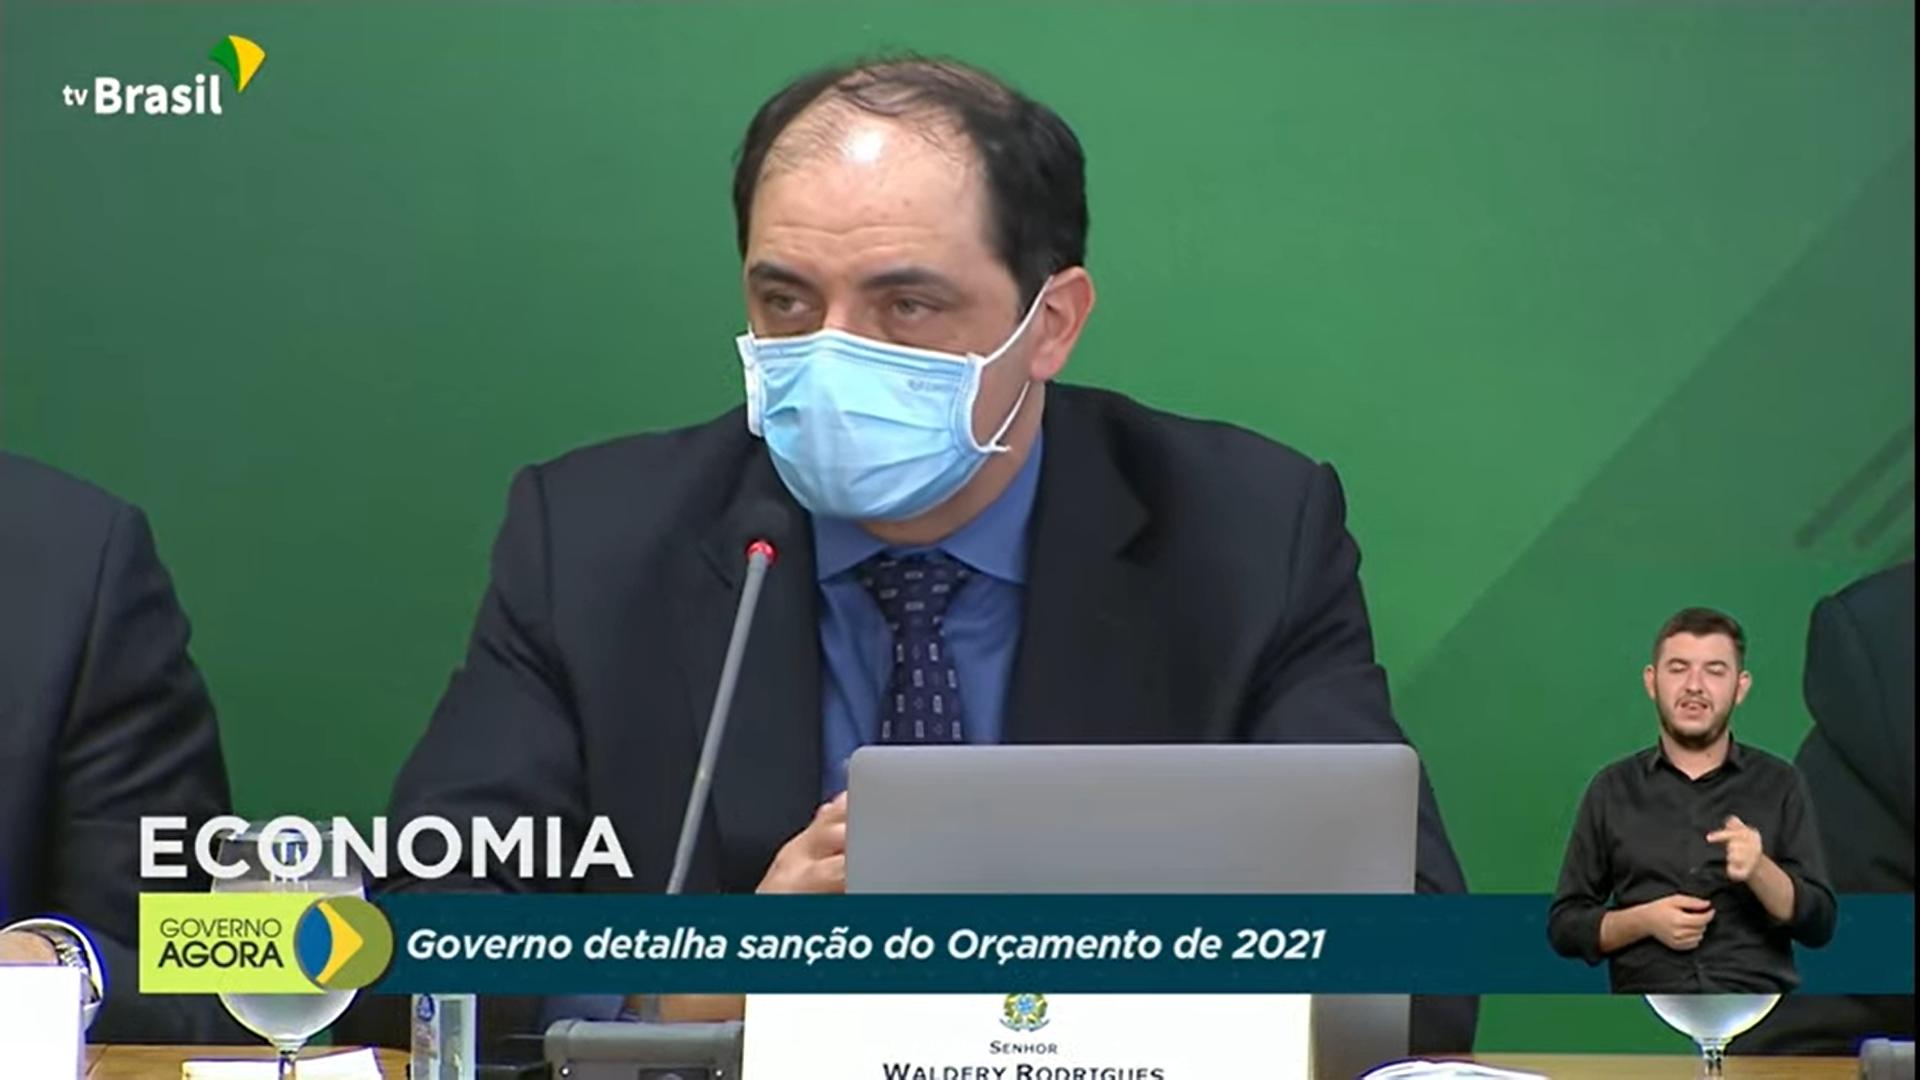 IMAGEM: Crise do Orçamento derruba secretário da Fazenda de Guedes